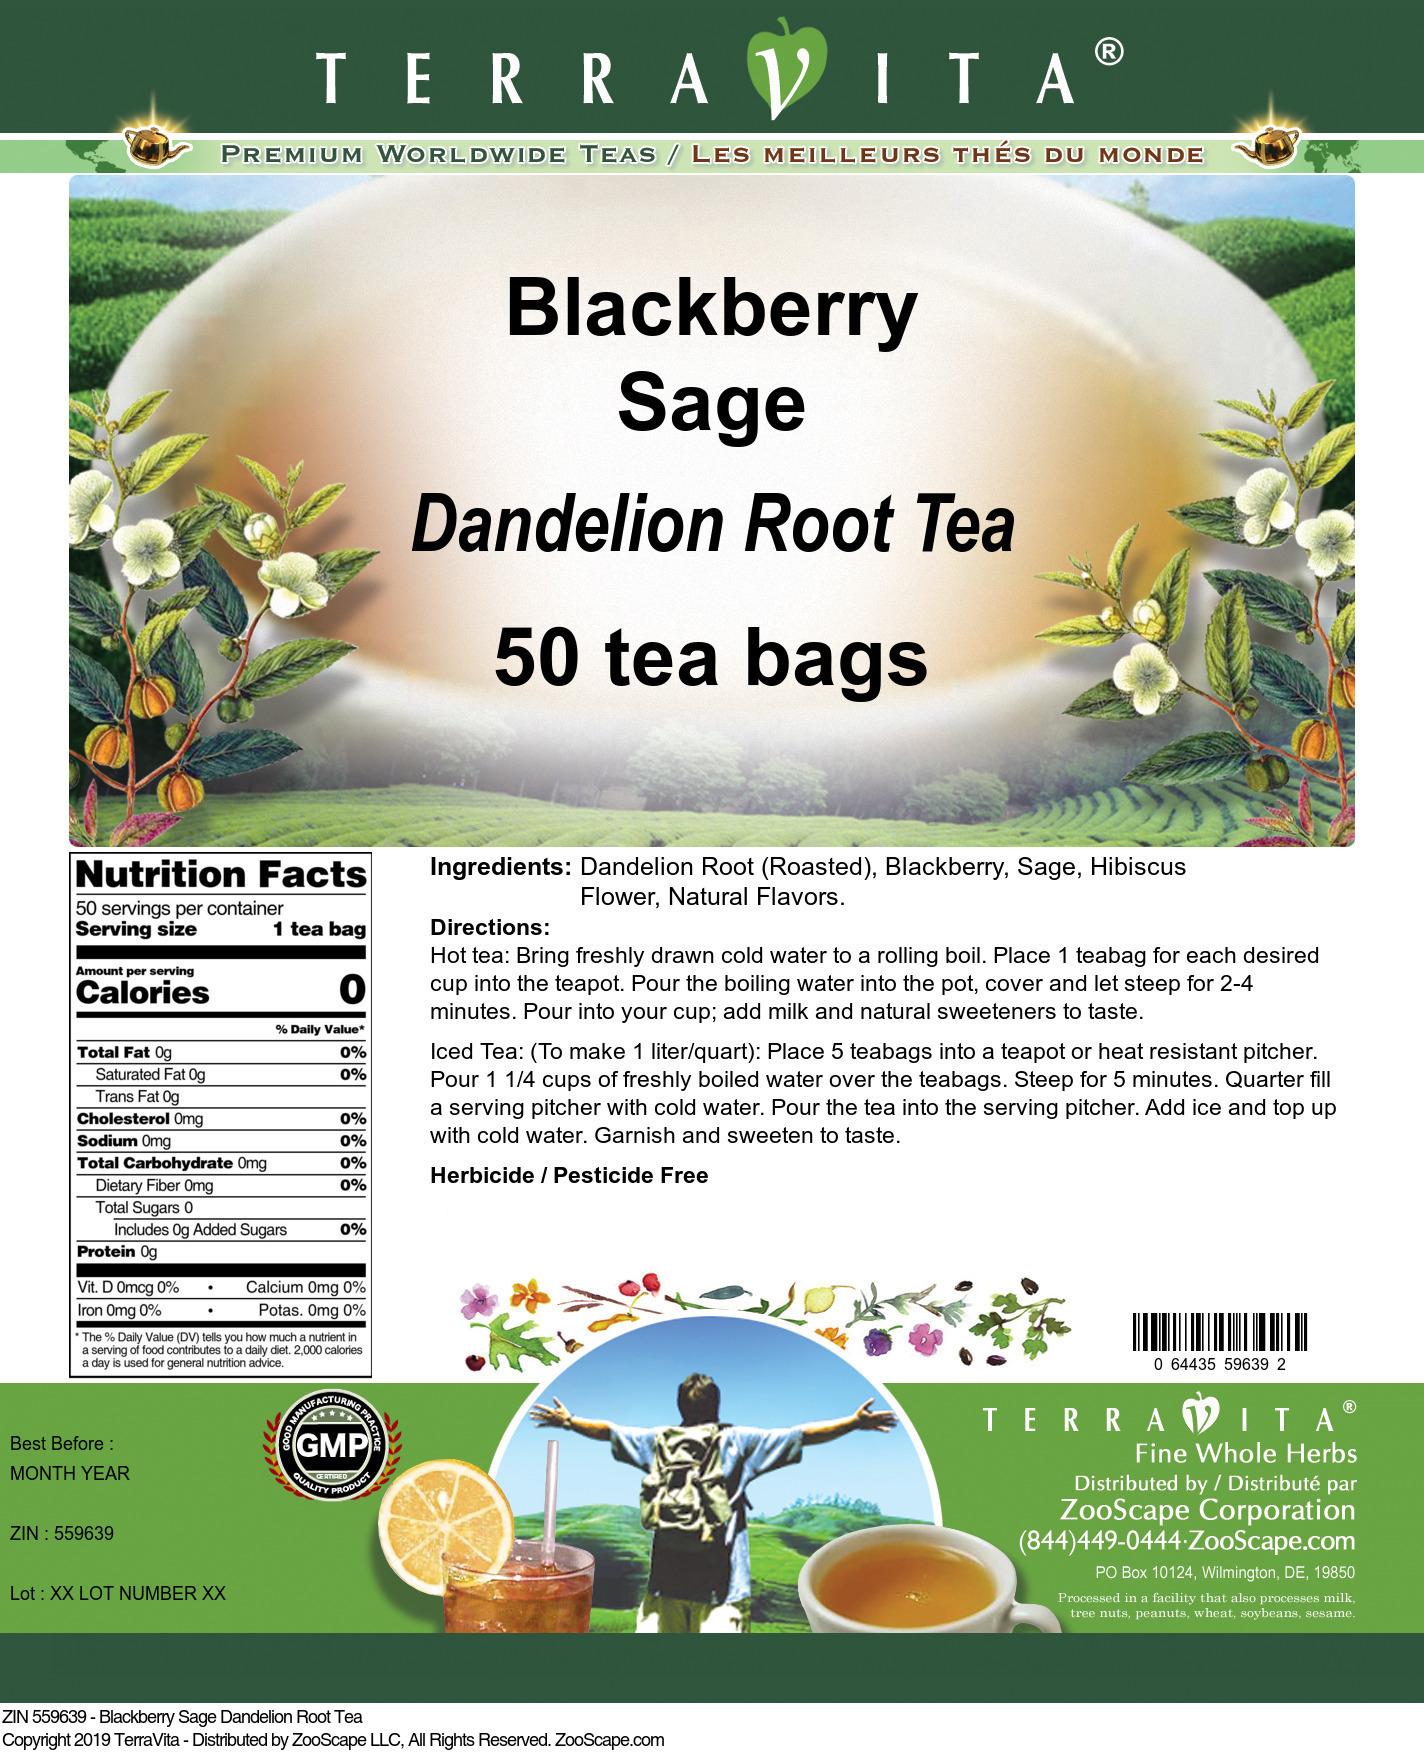 Blackberry Sage Dandelion Root Tea